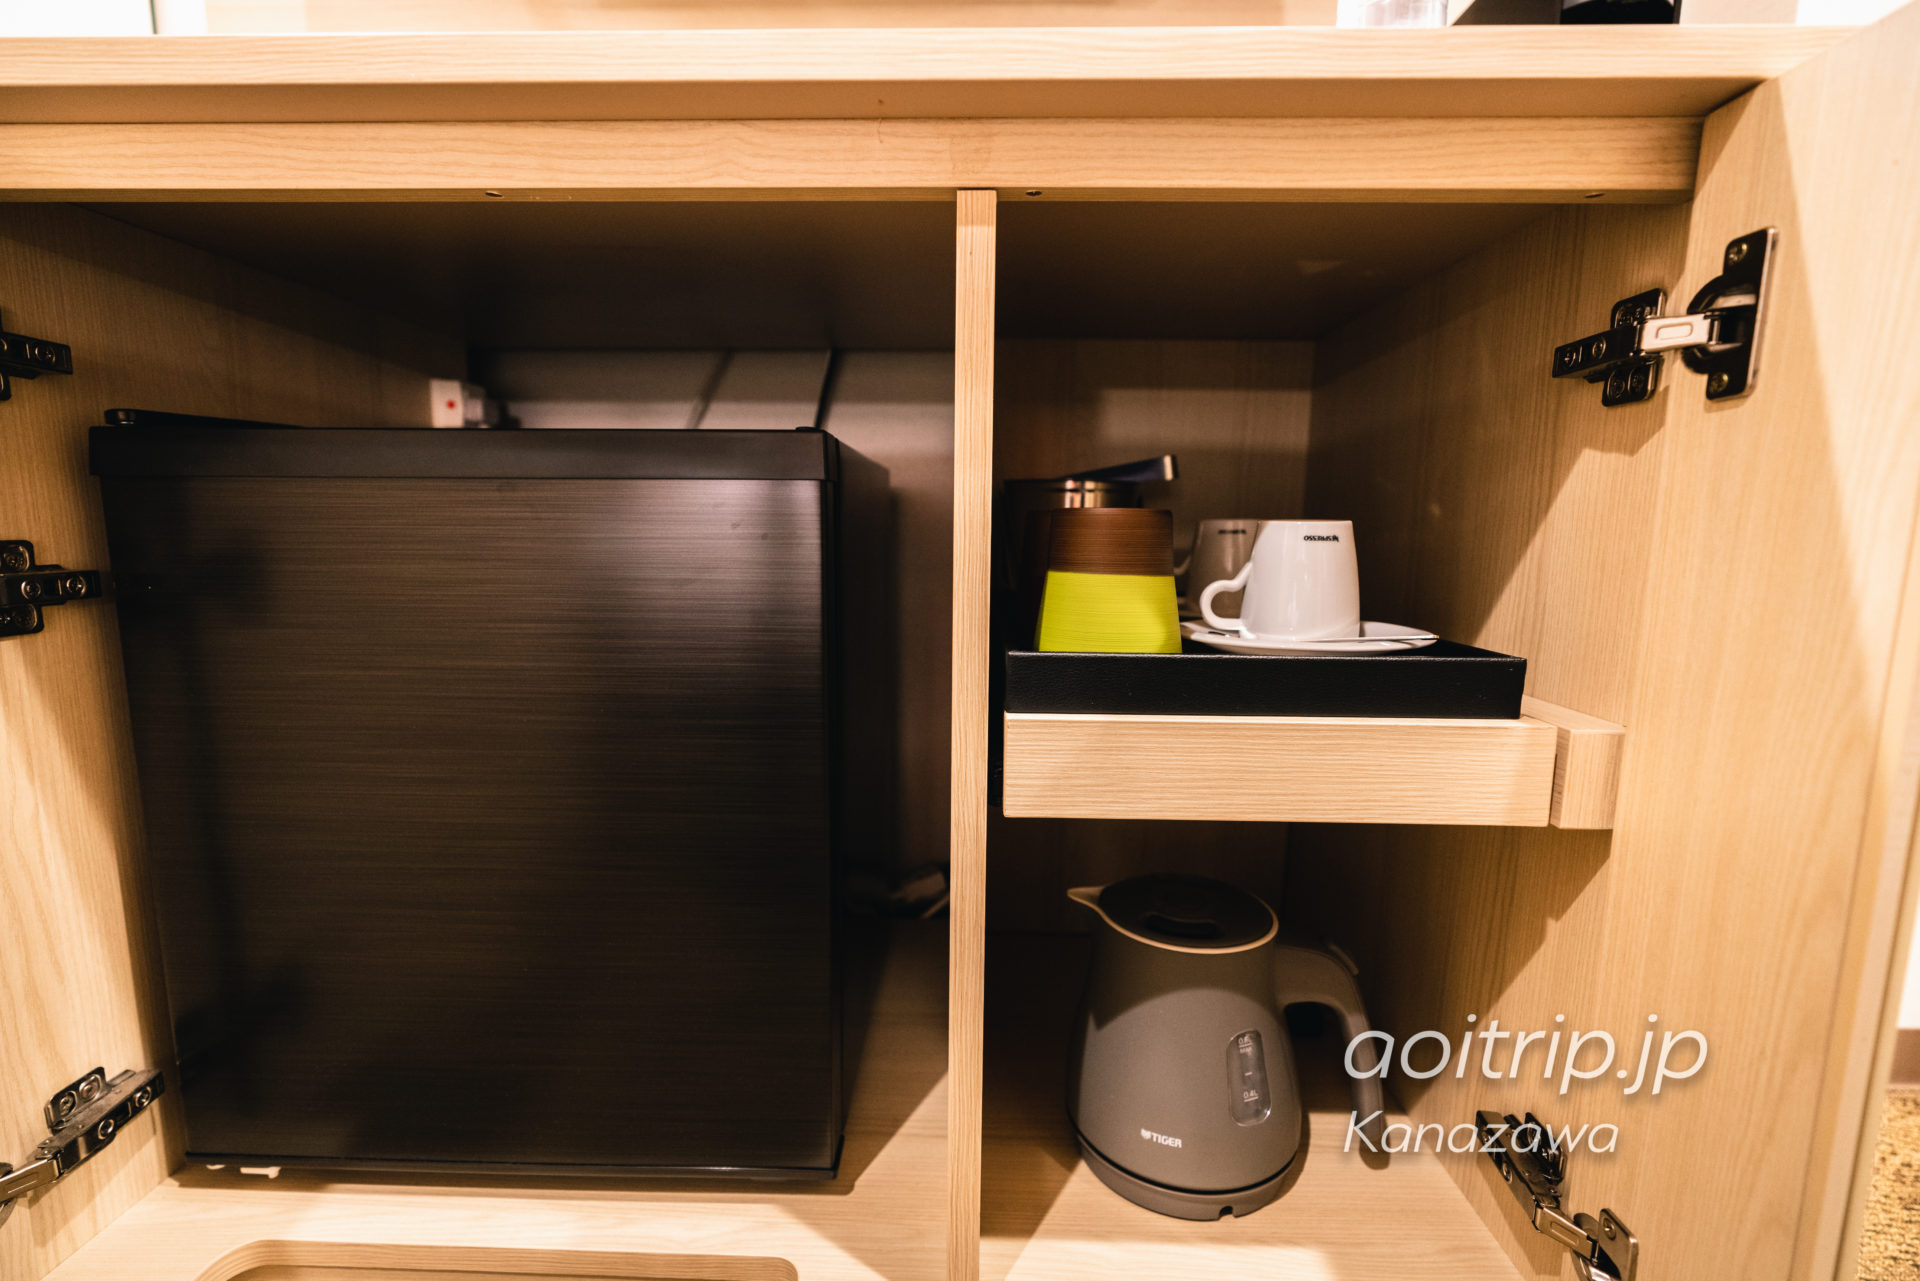 ダイワロイヤルホテルD-Premium金沢 冷蔵庫